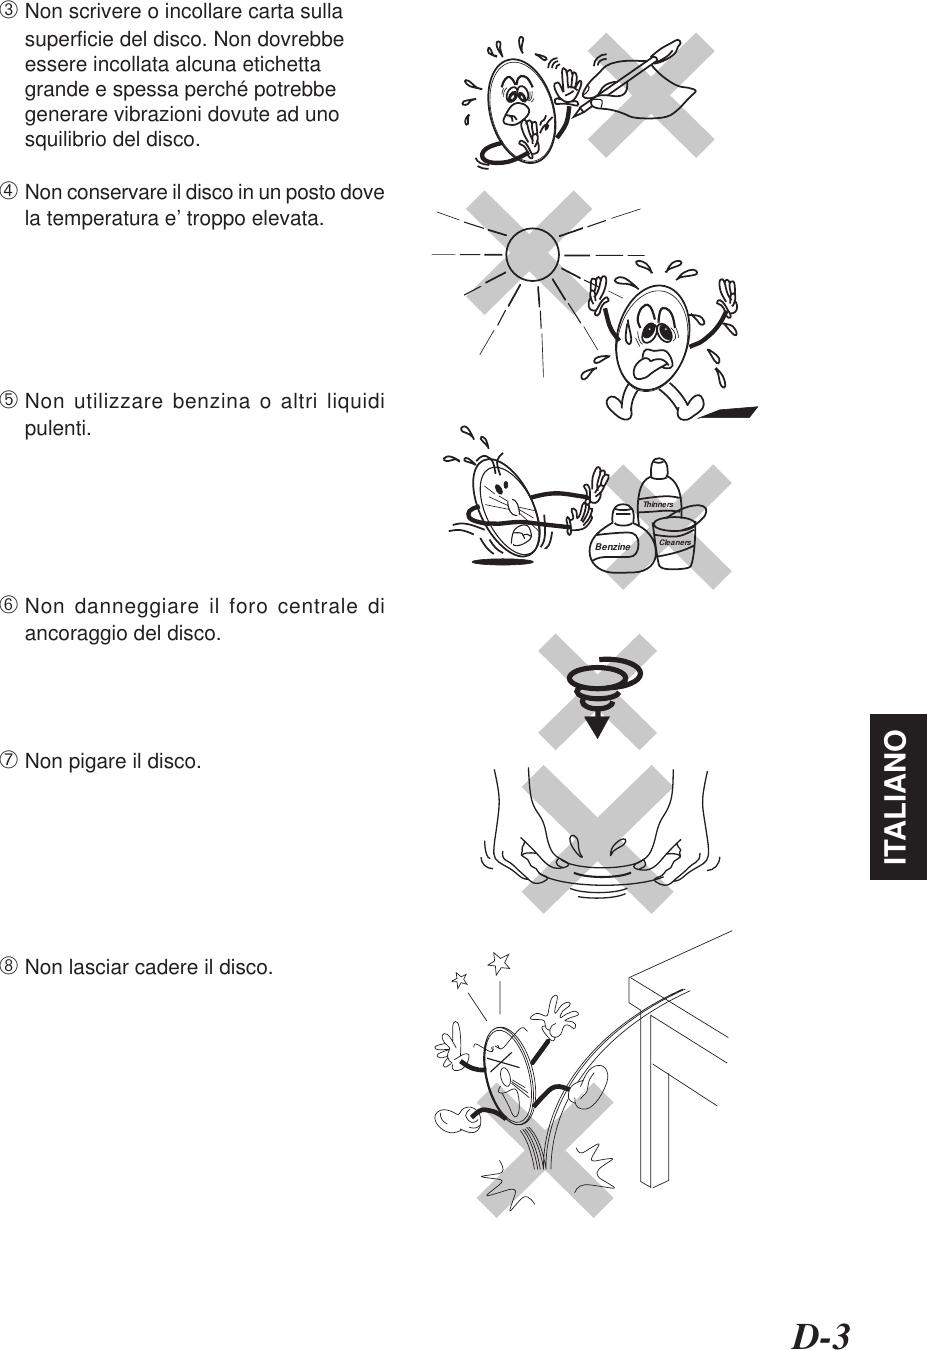 D-3ITALIANO➂Non scrivere o incollare carta sullasuperficie del disco. Non dovrebbeessere incollata alcuna etichettagrande e spessa perché potrebbegenerare vibrazioni dovute ad unosquilibrio del disco.➃Non conservare il disco in un posto dovela temperatura e' troppo elevata.➄Non utilizzare benzina o altri liquidipulenti.➅Non danneggiare il foro centrale diancoraggio del disco.➆Non pigare il disco.➇Non lasciar cadere il disco.BenzineThinnersCleaners